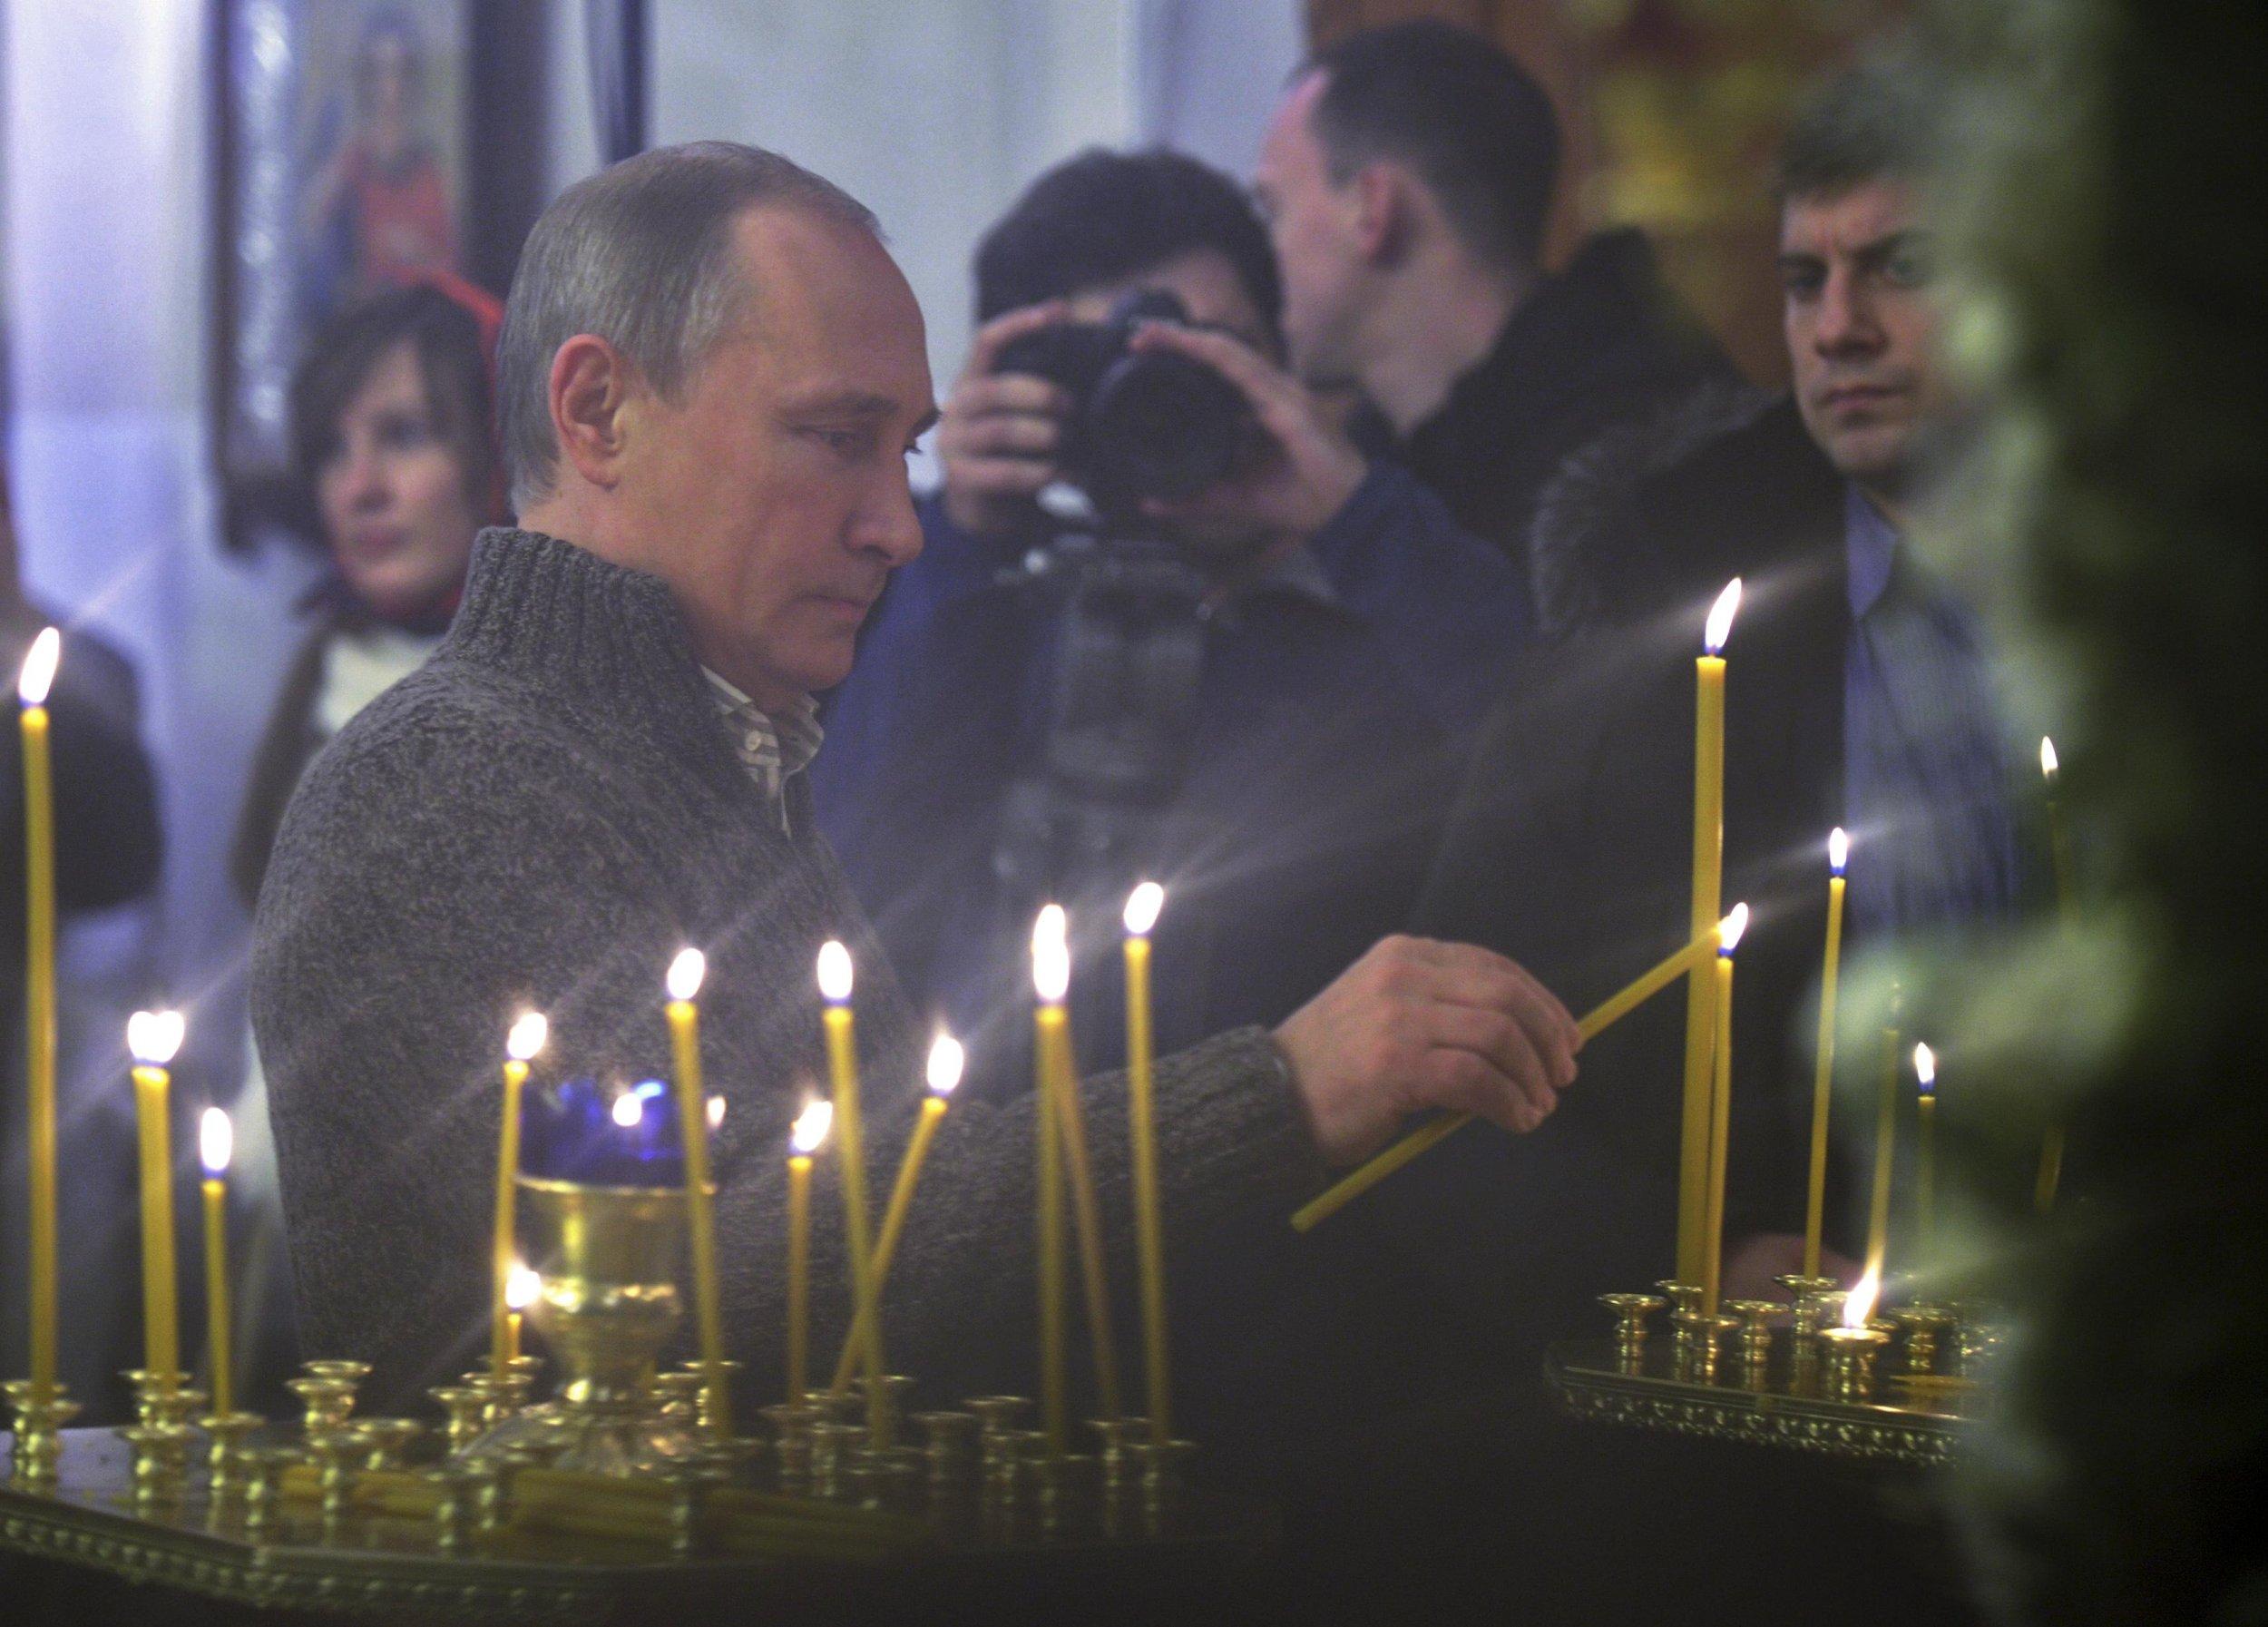 2015-01-06T223029Z_1982396827_GM1EB170HYL01_RTRMADP_3_RUSSIA-RELIGION